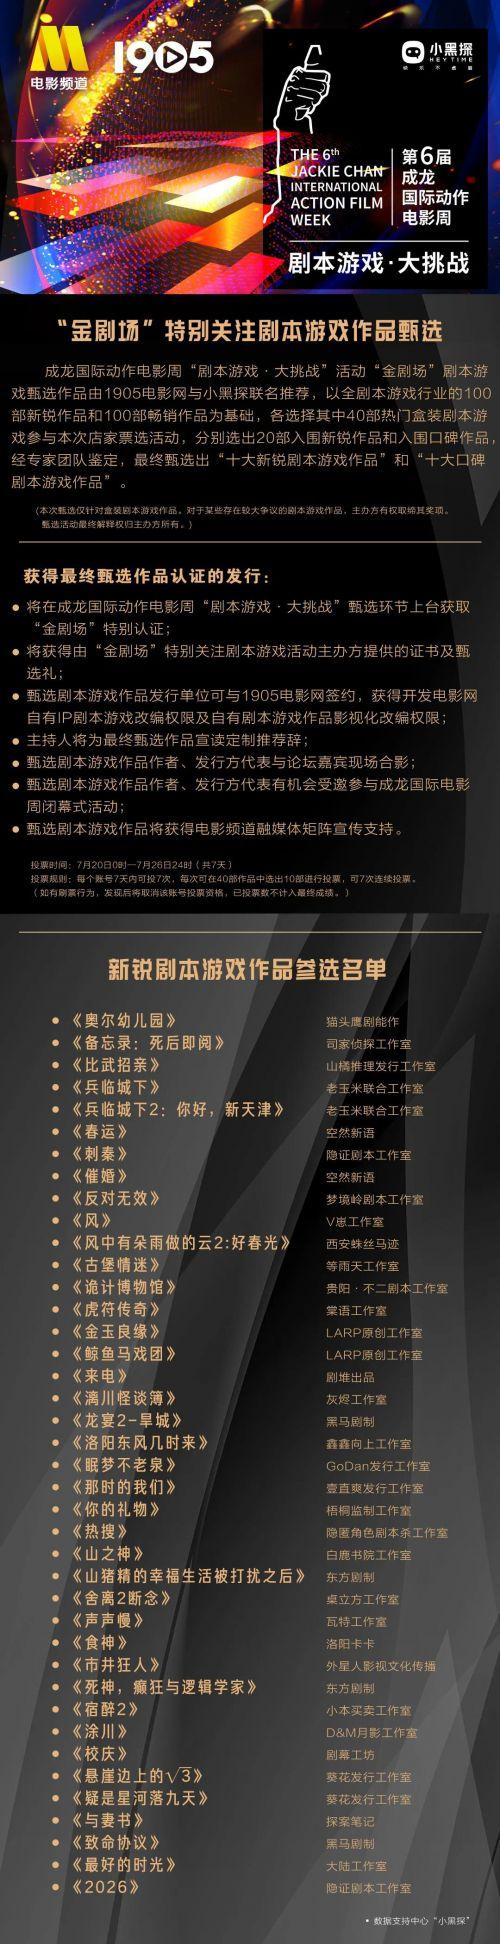 """成龙国际动作电影周""""剧本游戏·大挑战""""活动启动"""